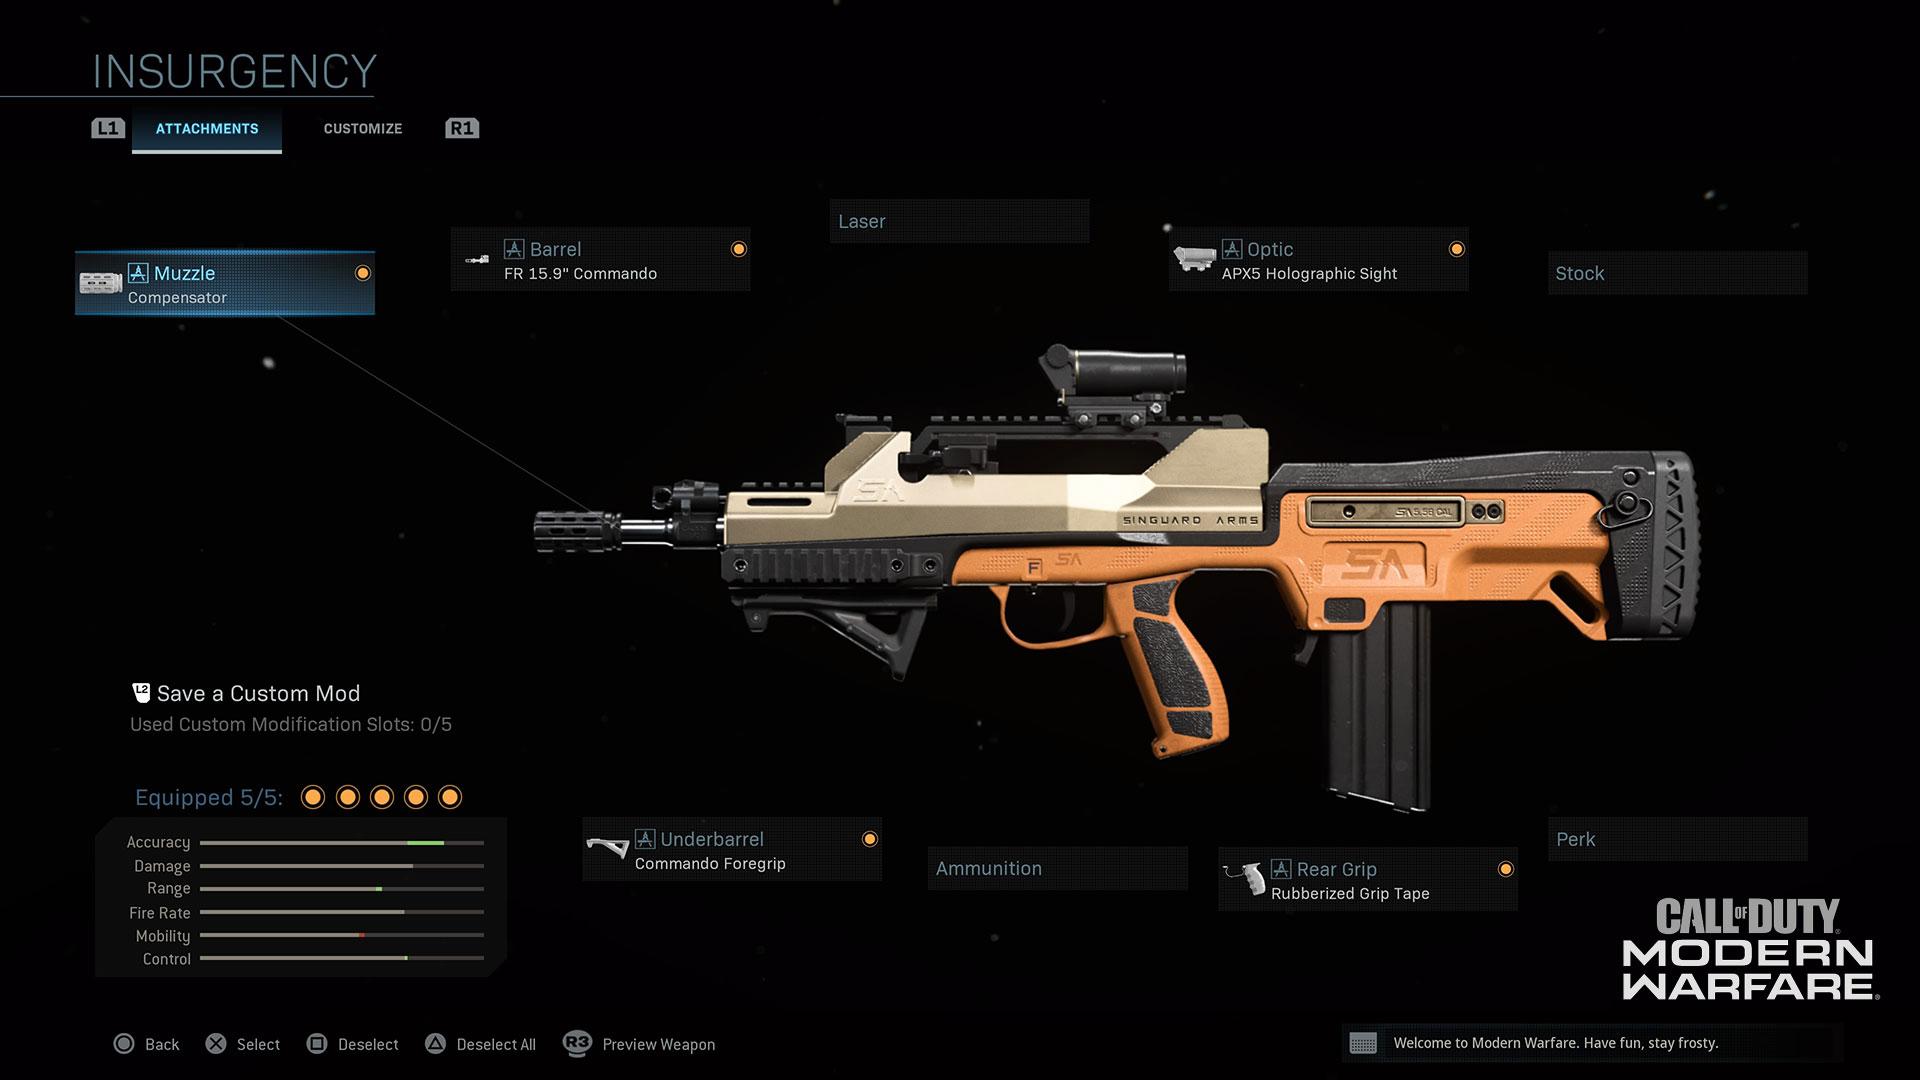 Insurgency weapon skin